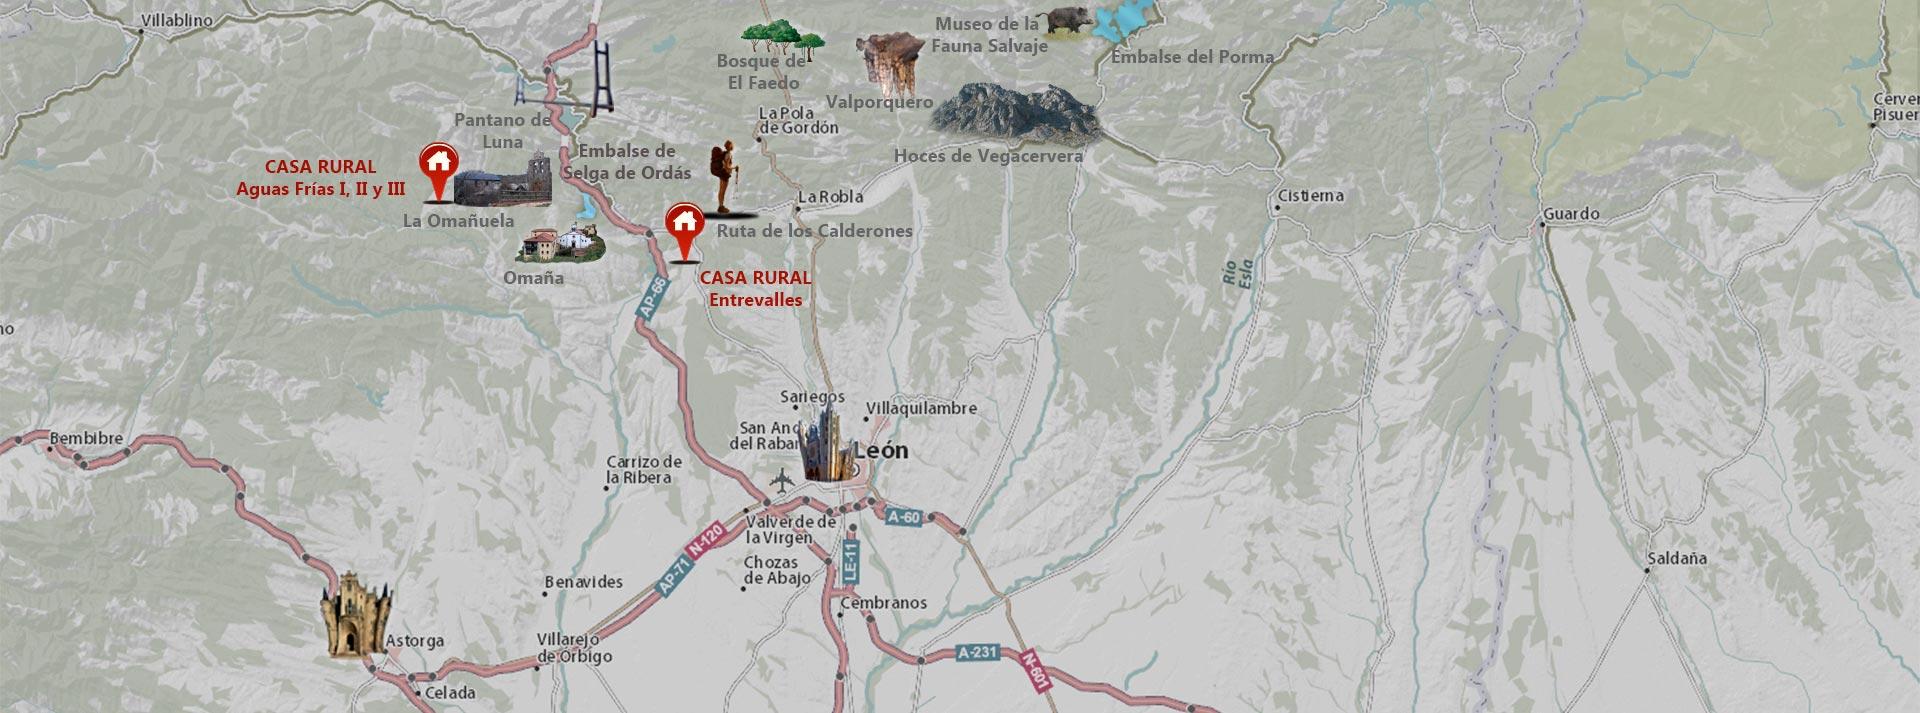 mapa casas rurales en león